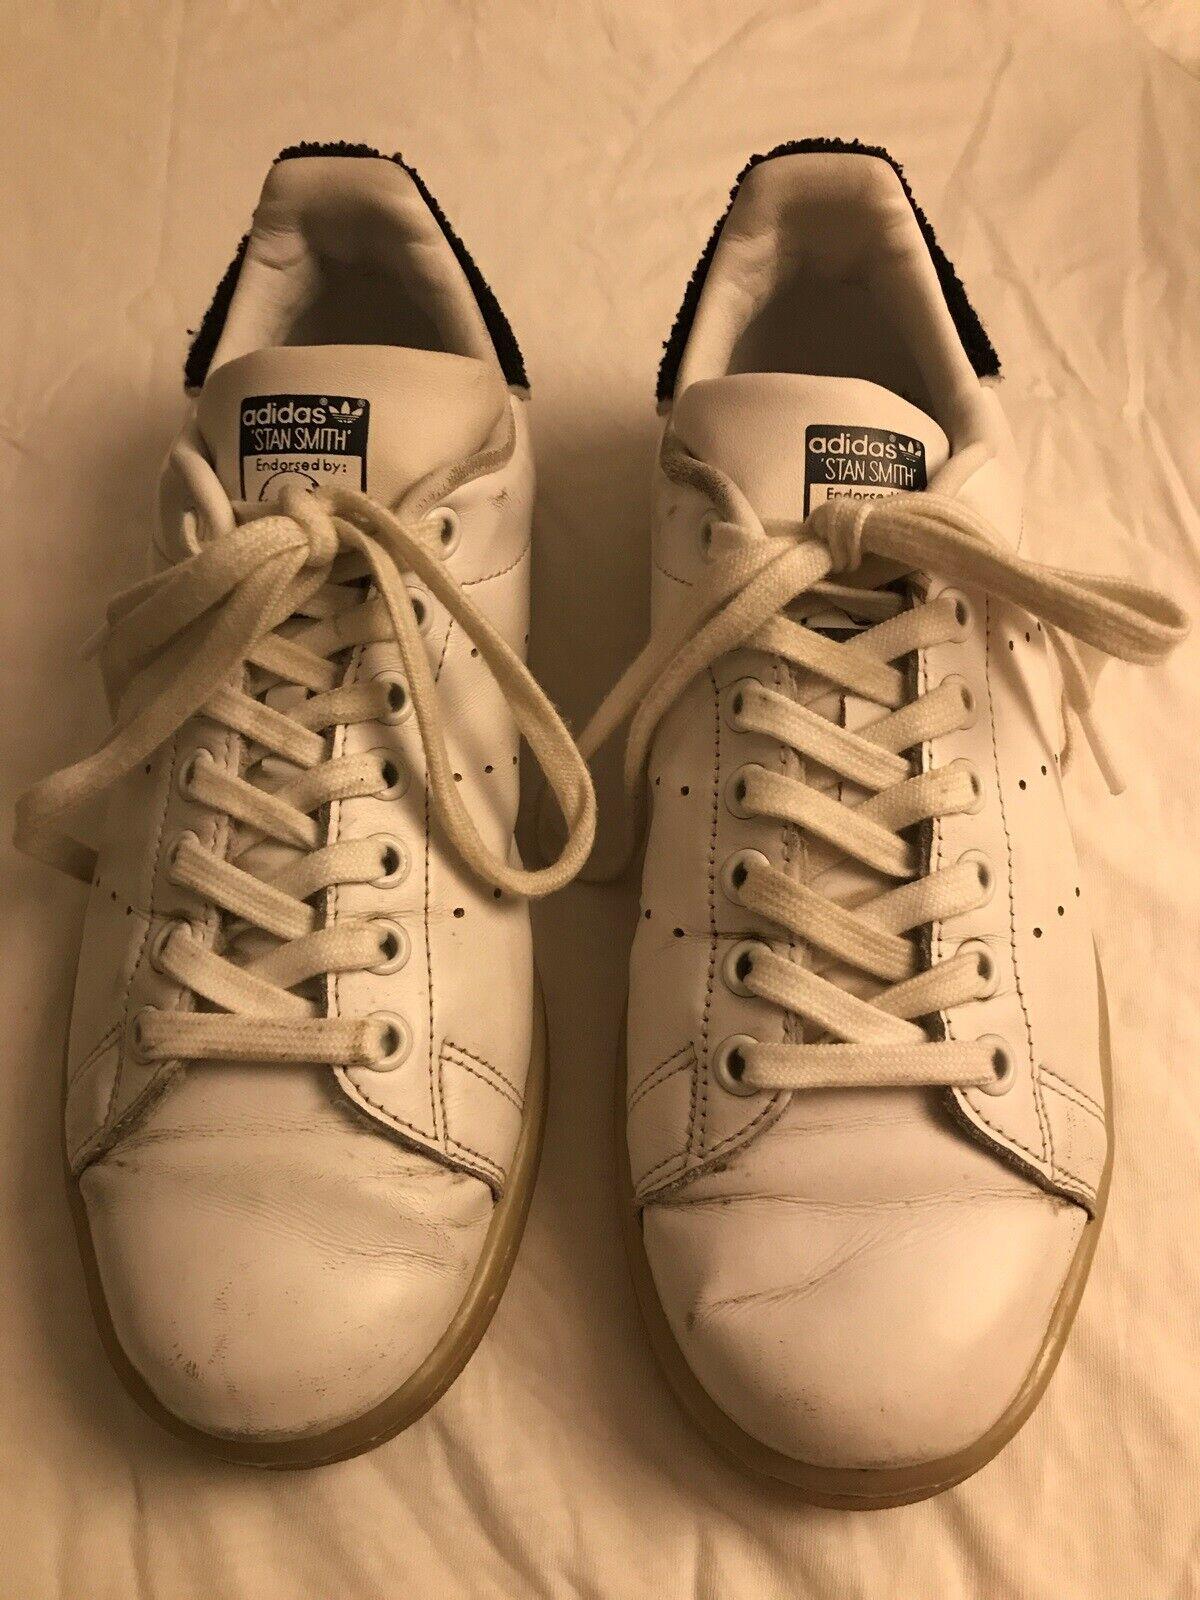 Sneakers, str. 39,5, Adidas Stan